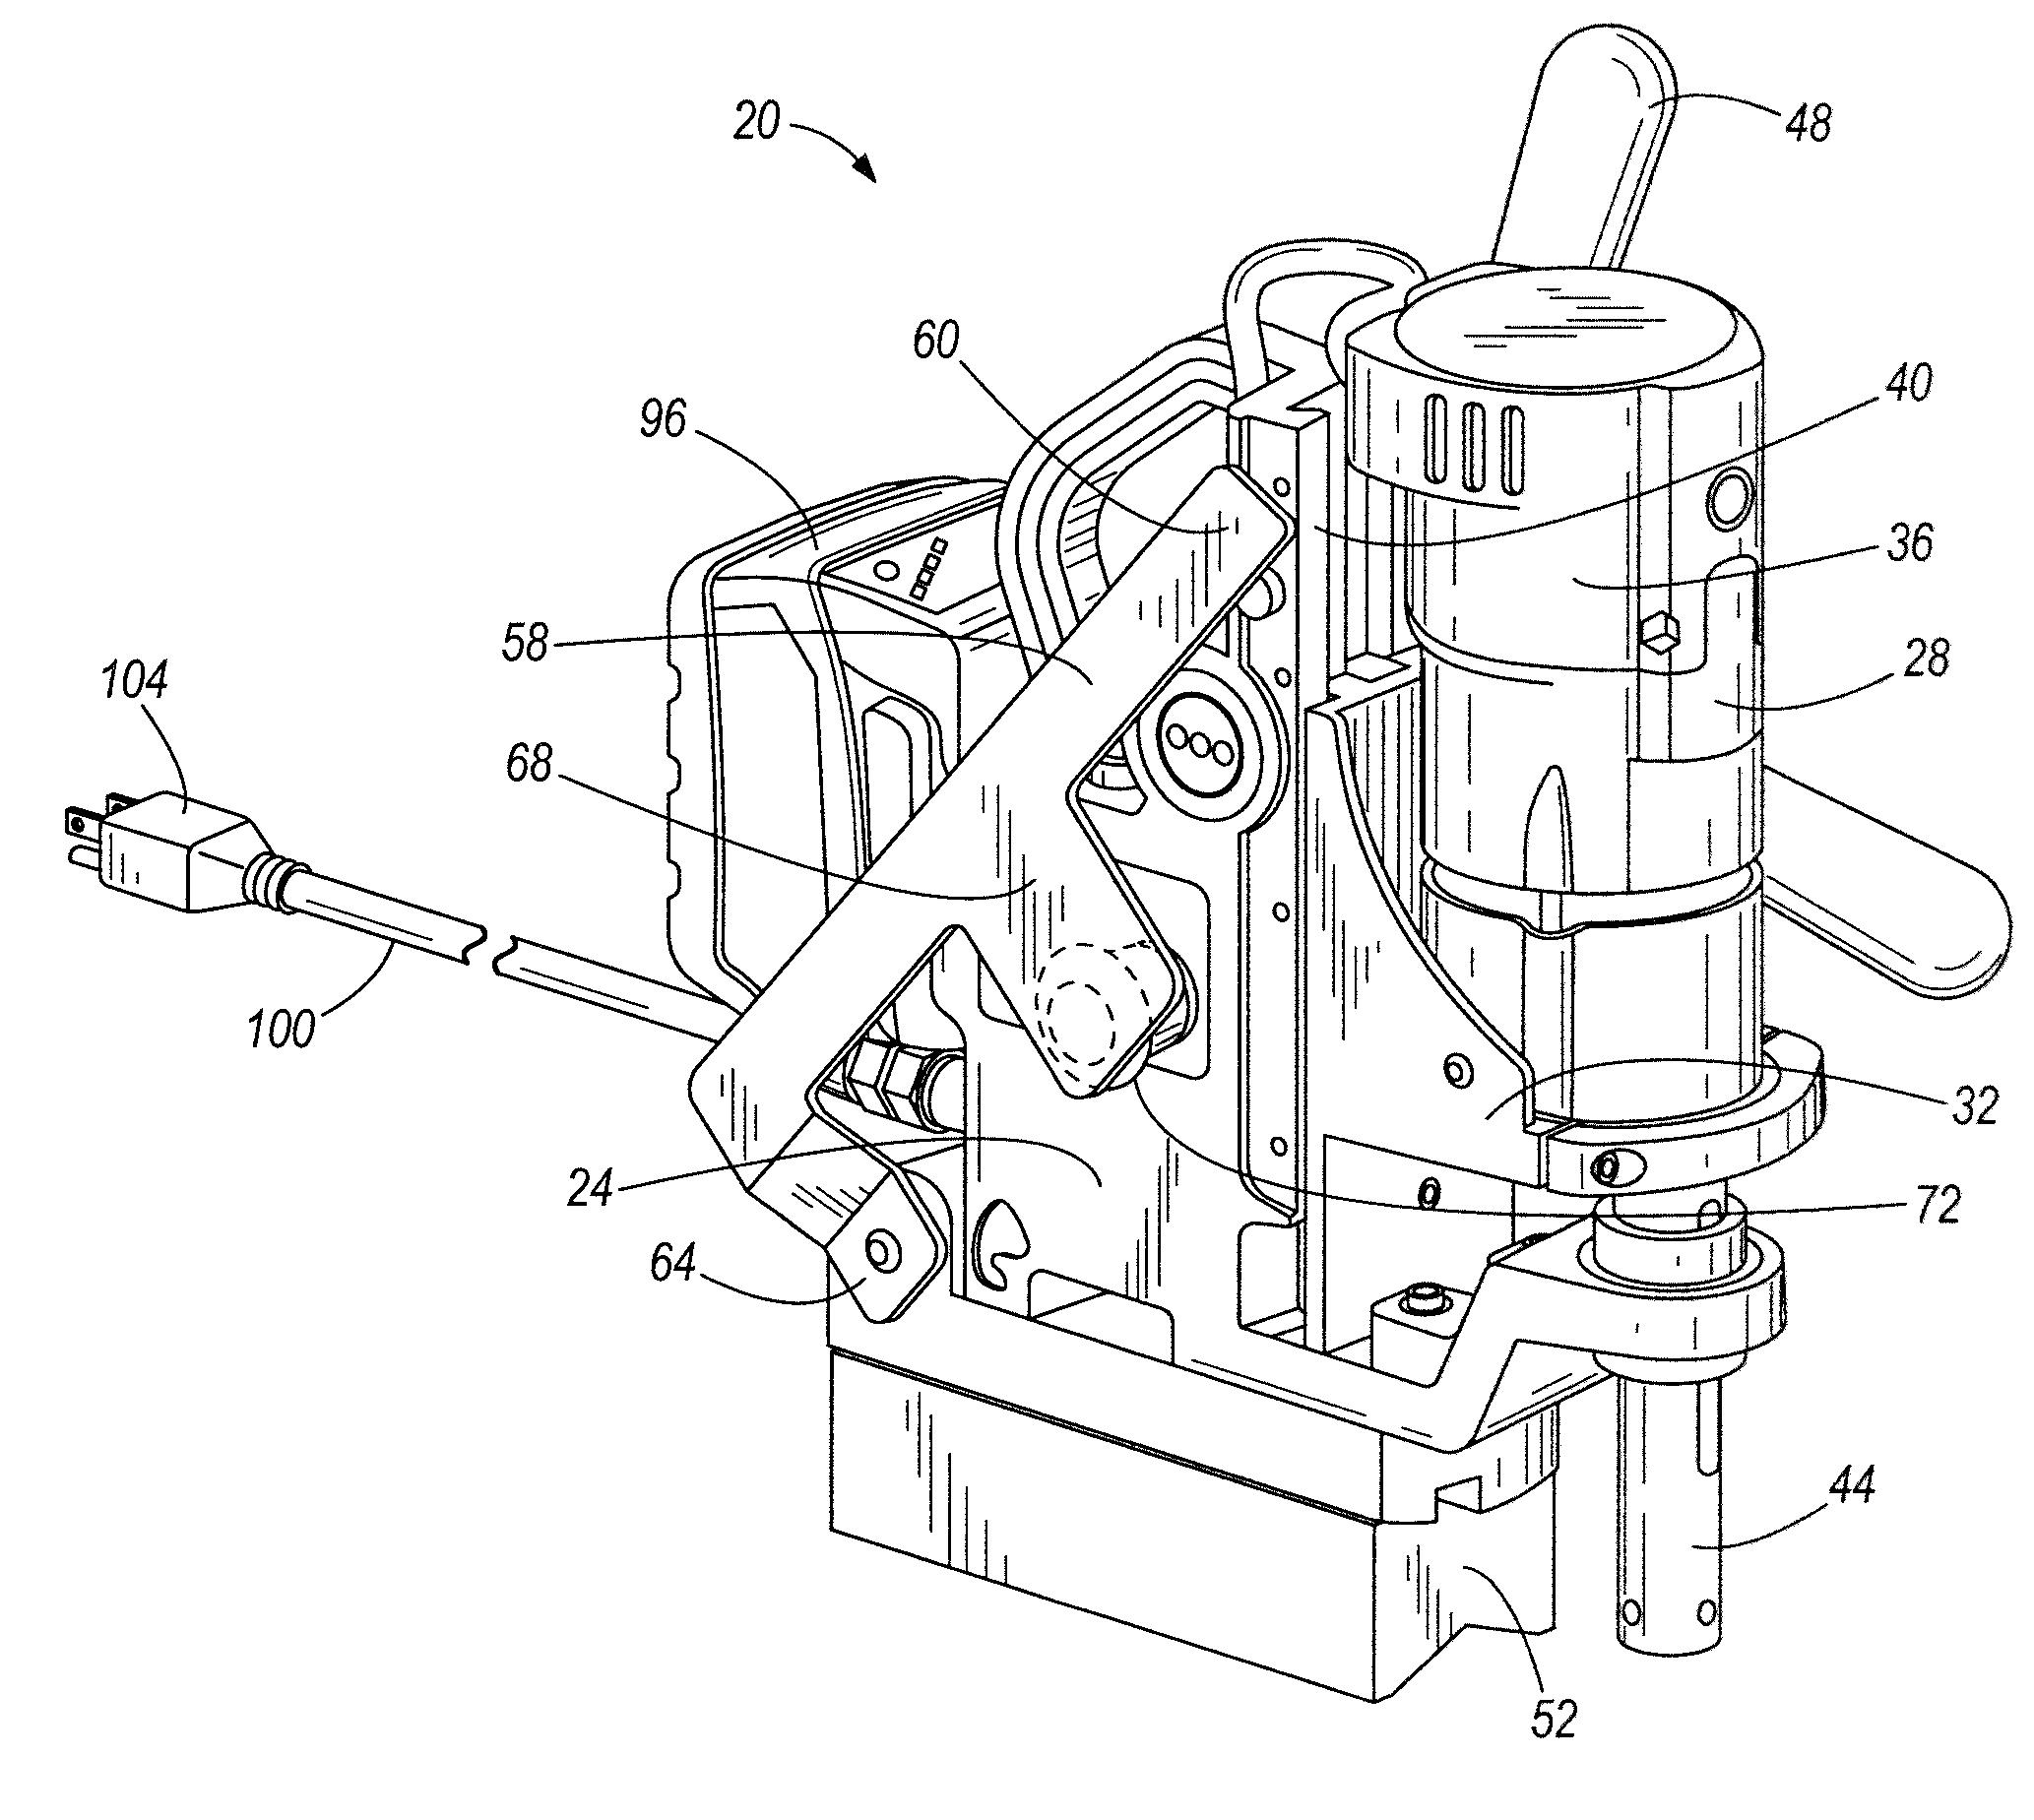 diagram ramsey parts winch re12000